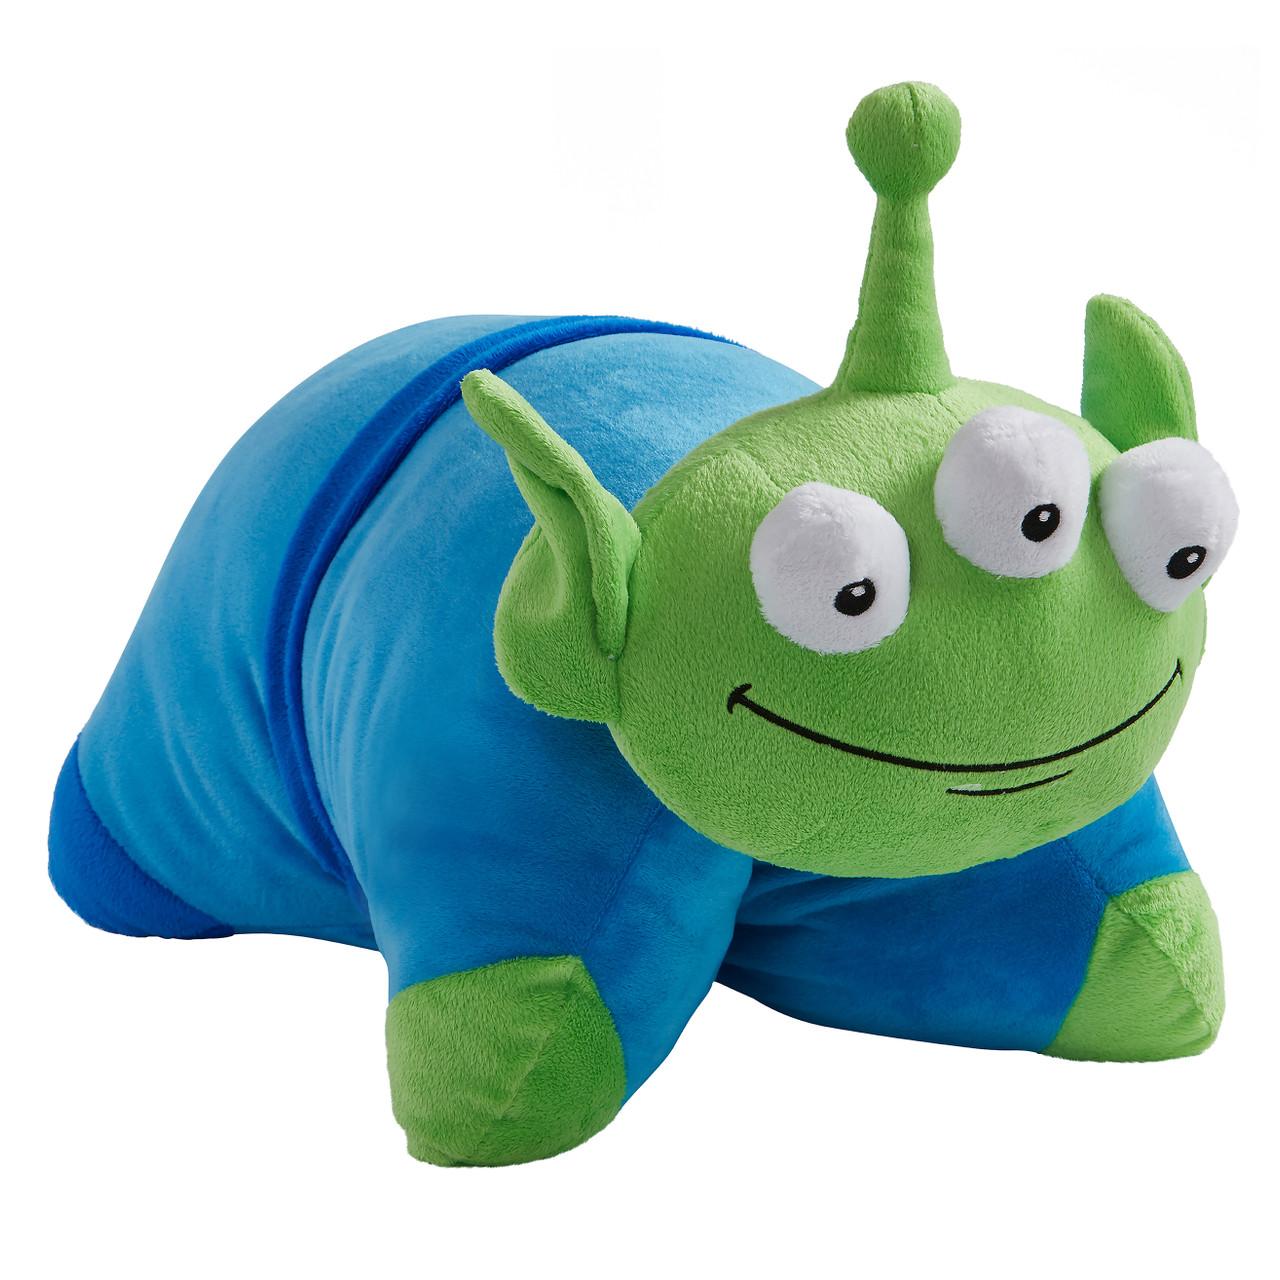 disney toy story little green man pillow pet